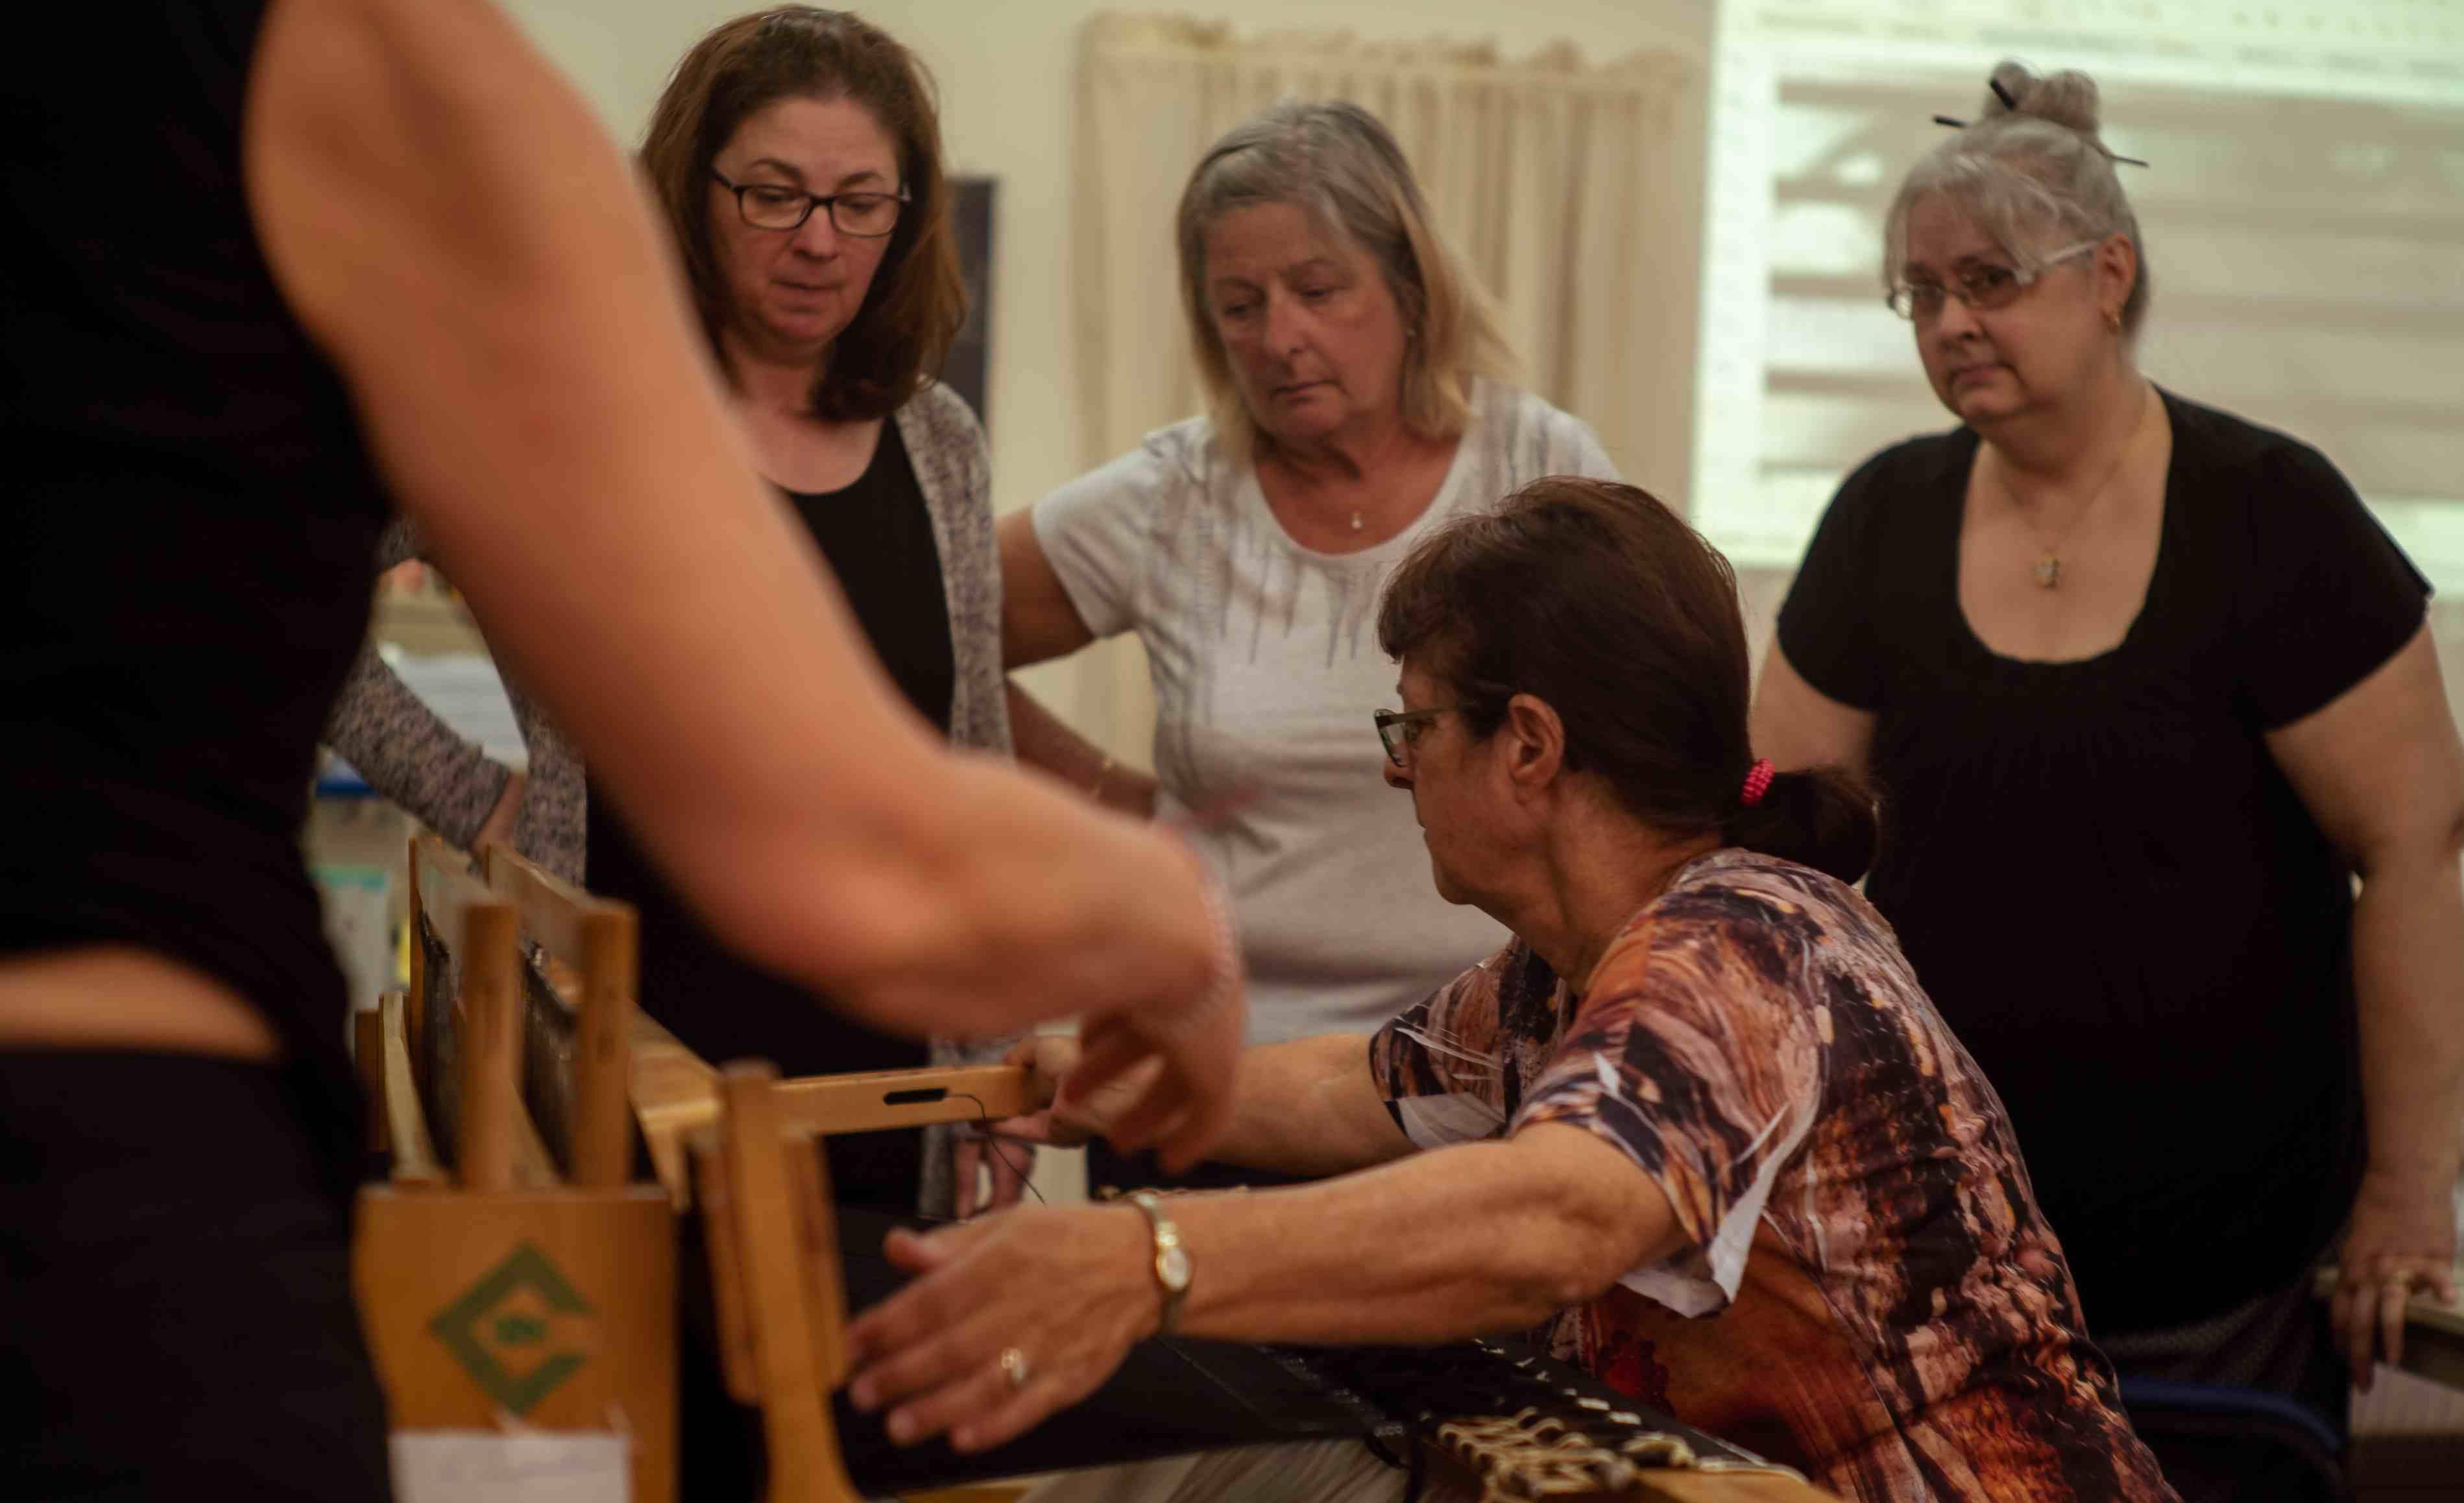 13 femmes, alliance, tissage, art contemporain, MRC de d'Autray